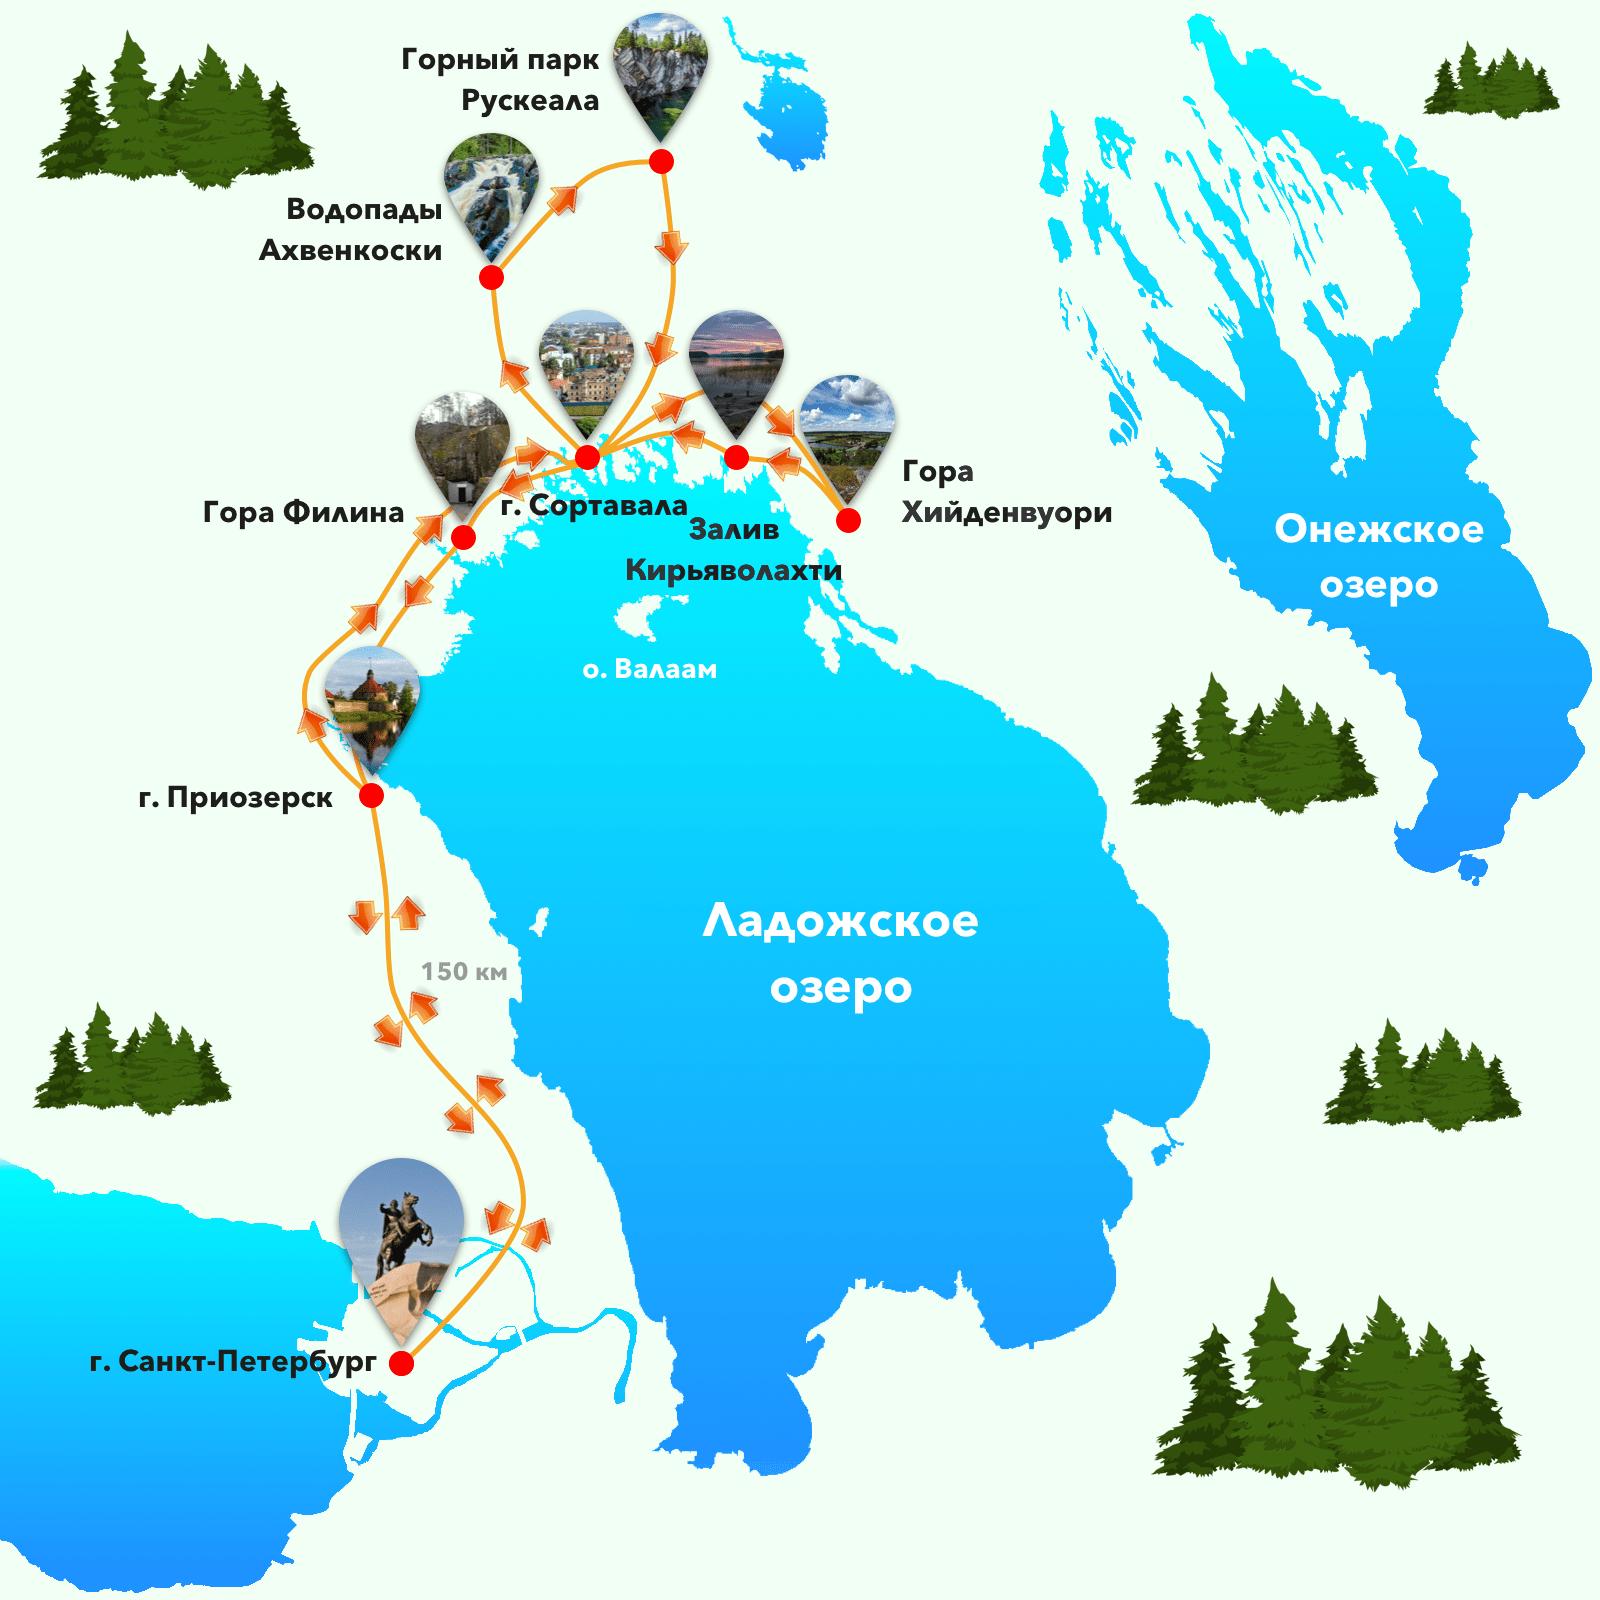 Автобусный тур в Карелию из Санкт-Петербурга  на 2 дня